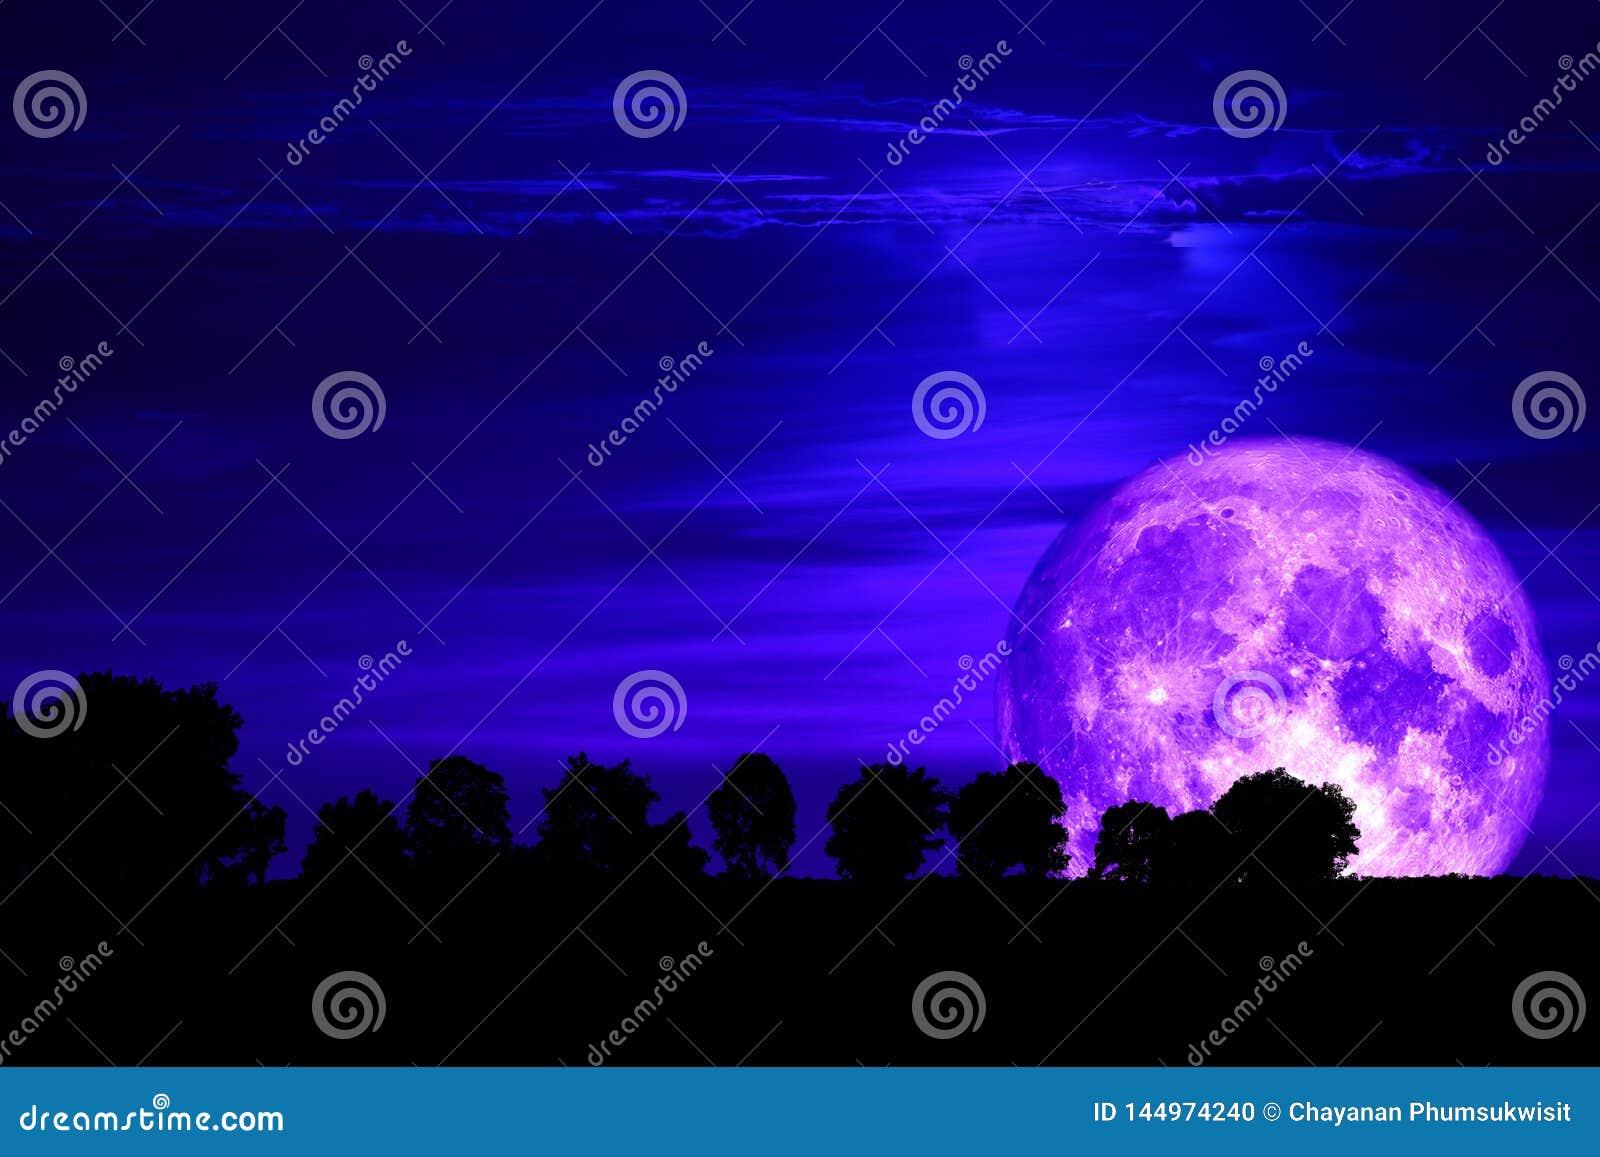 super purple snow moon back silhouette tree on dark sky